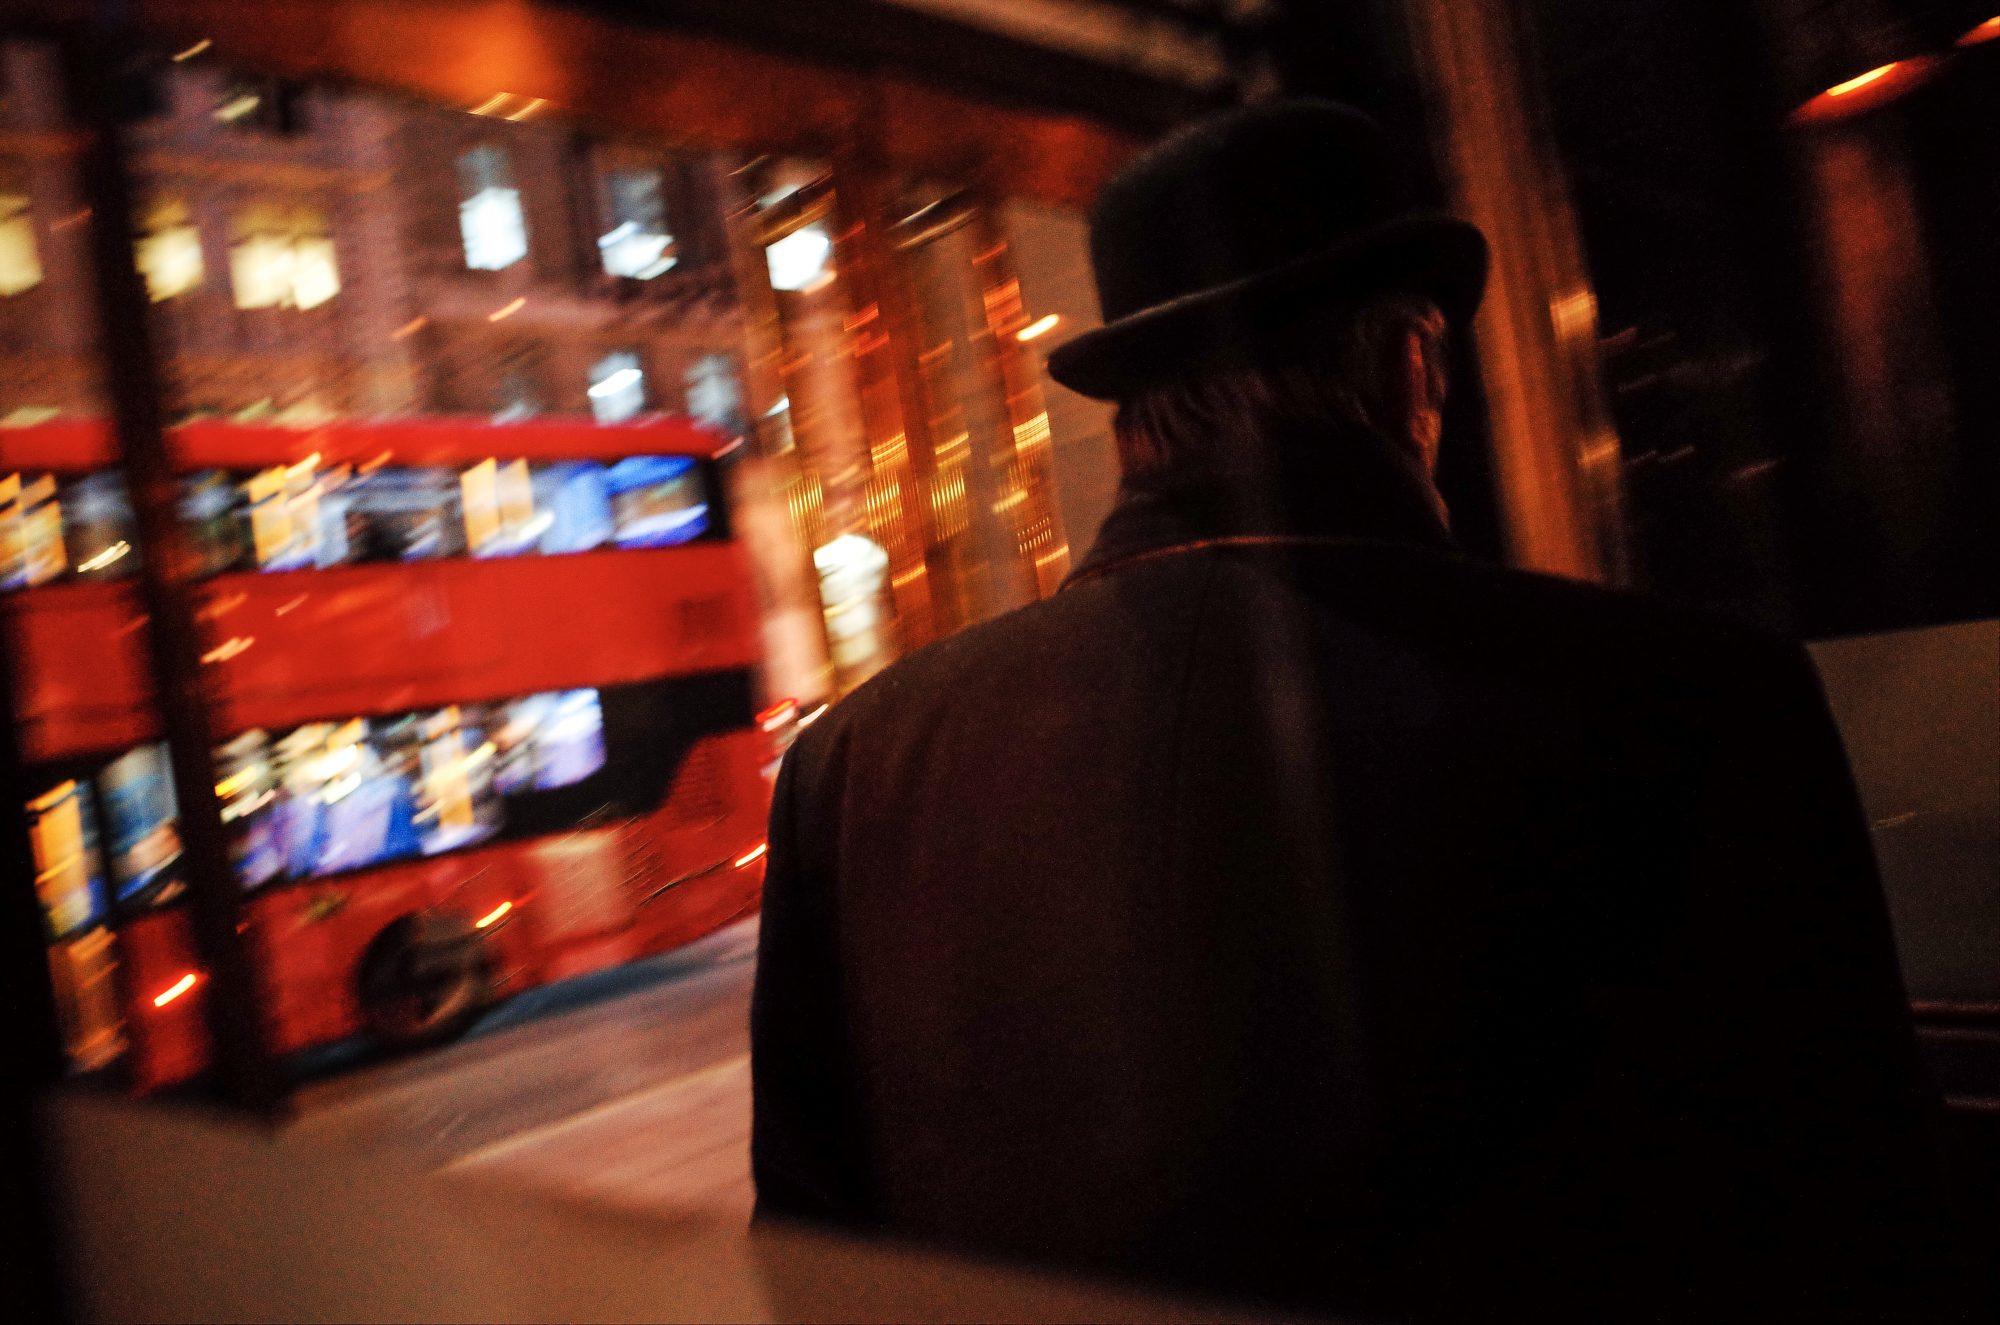 Man in bowler hat. Night street photo, London 2018